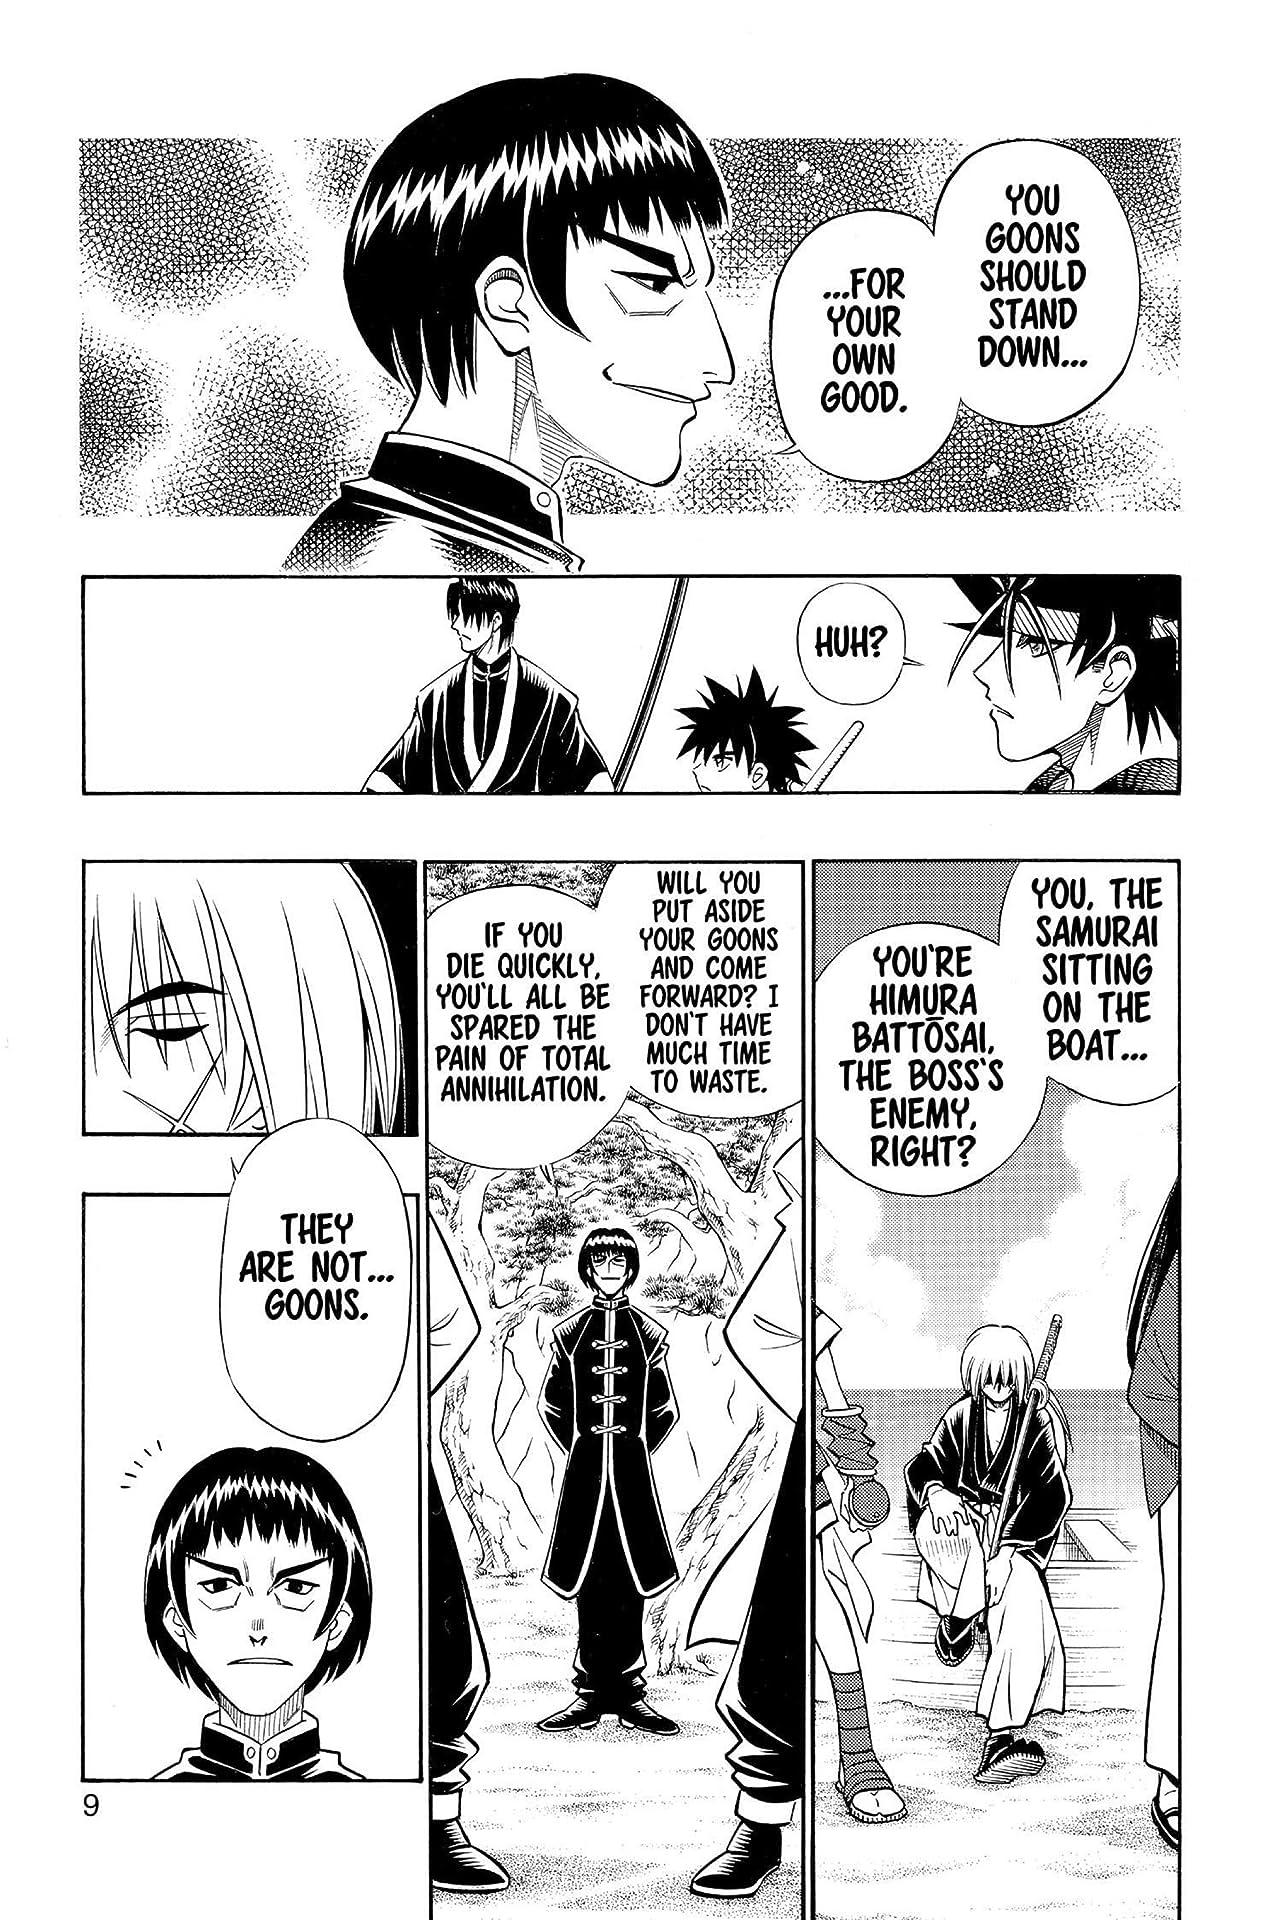 Rurouni Kenshin Vol. 27